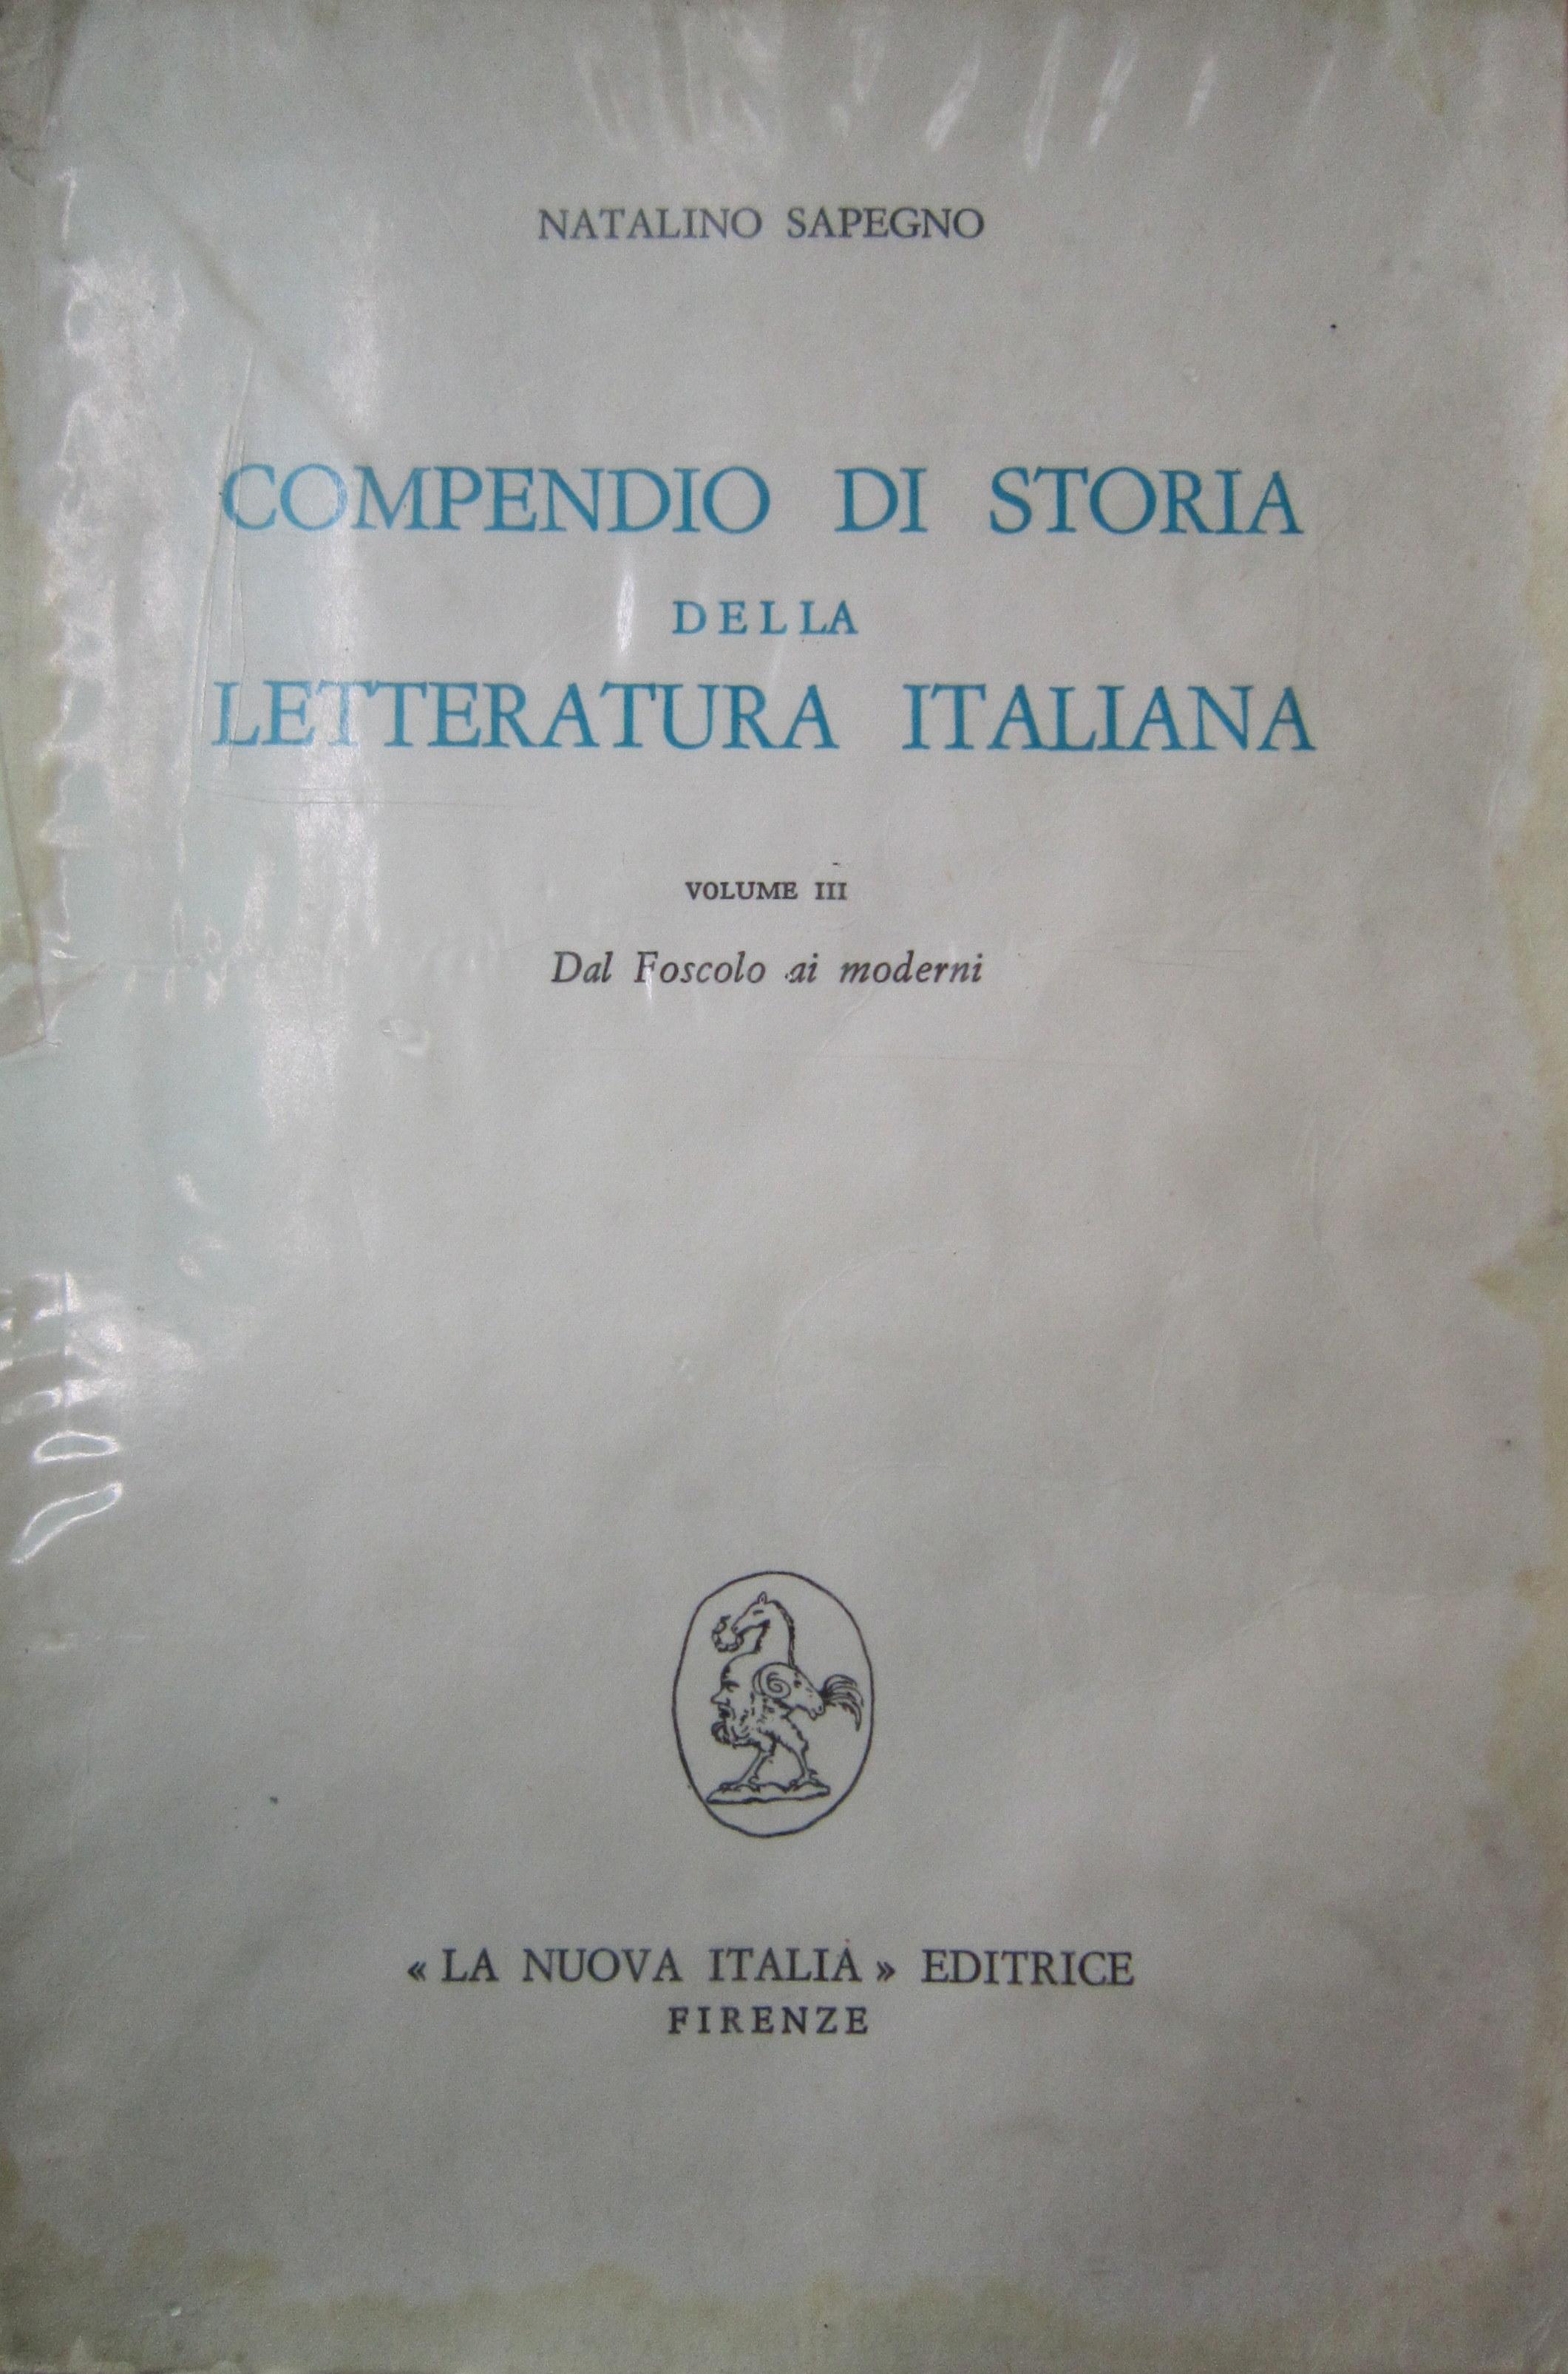 Compendio di storia della letteratura italiana